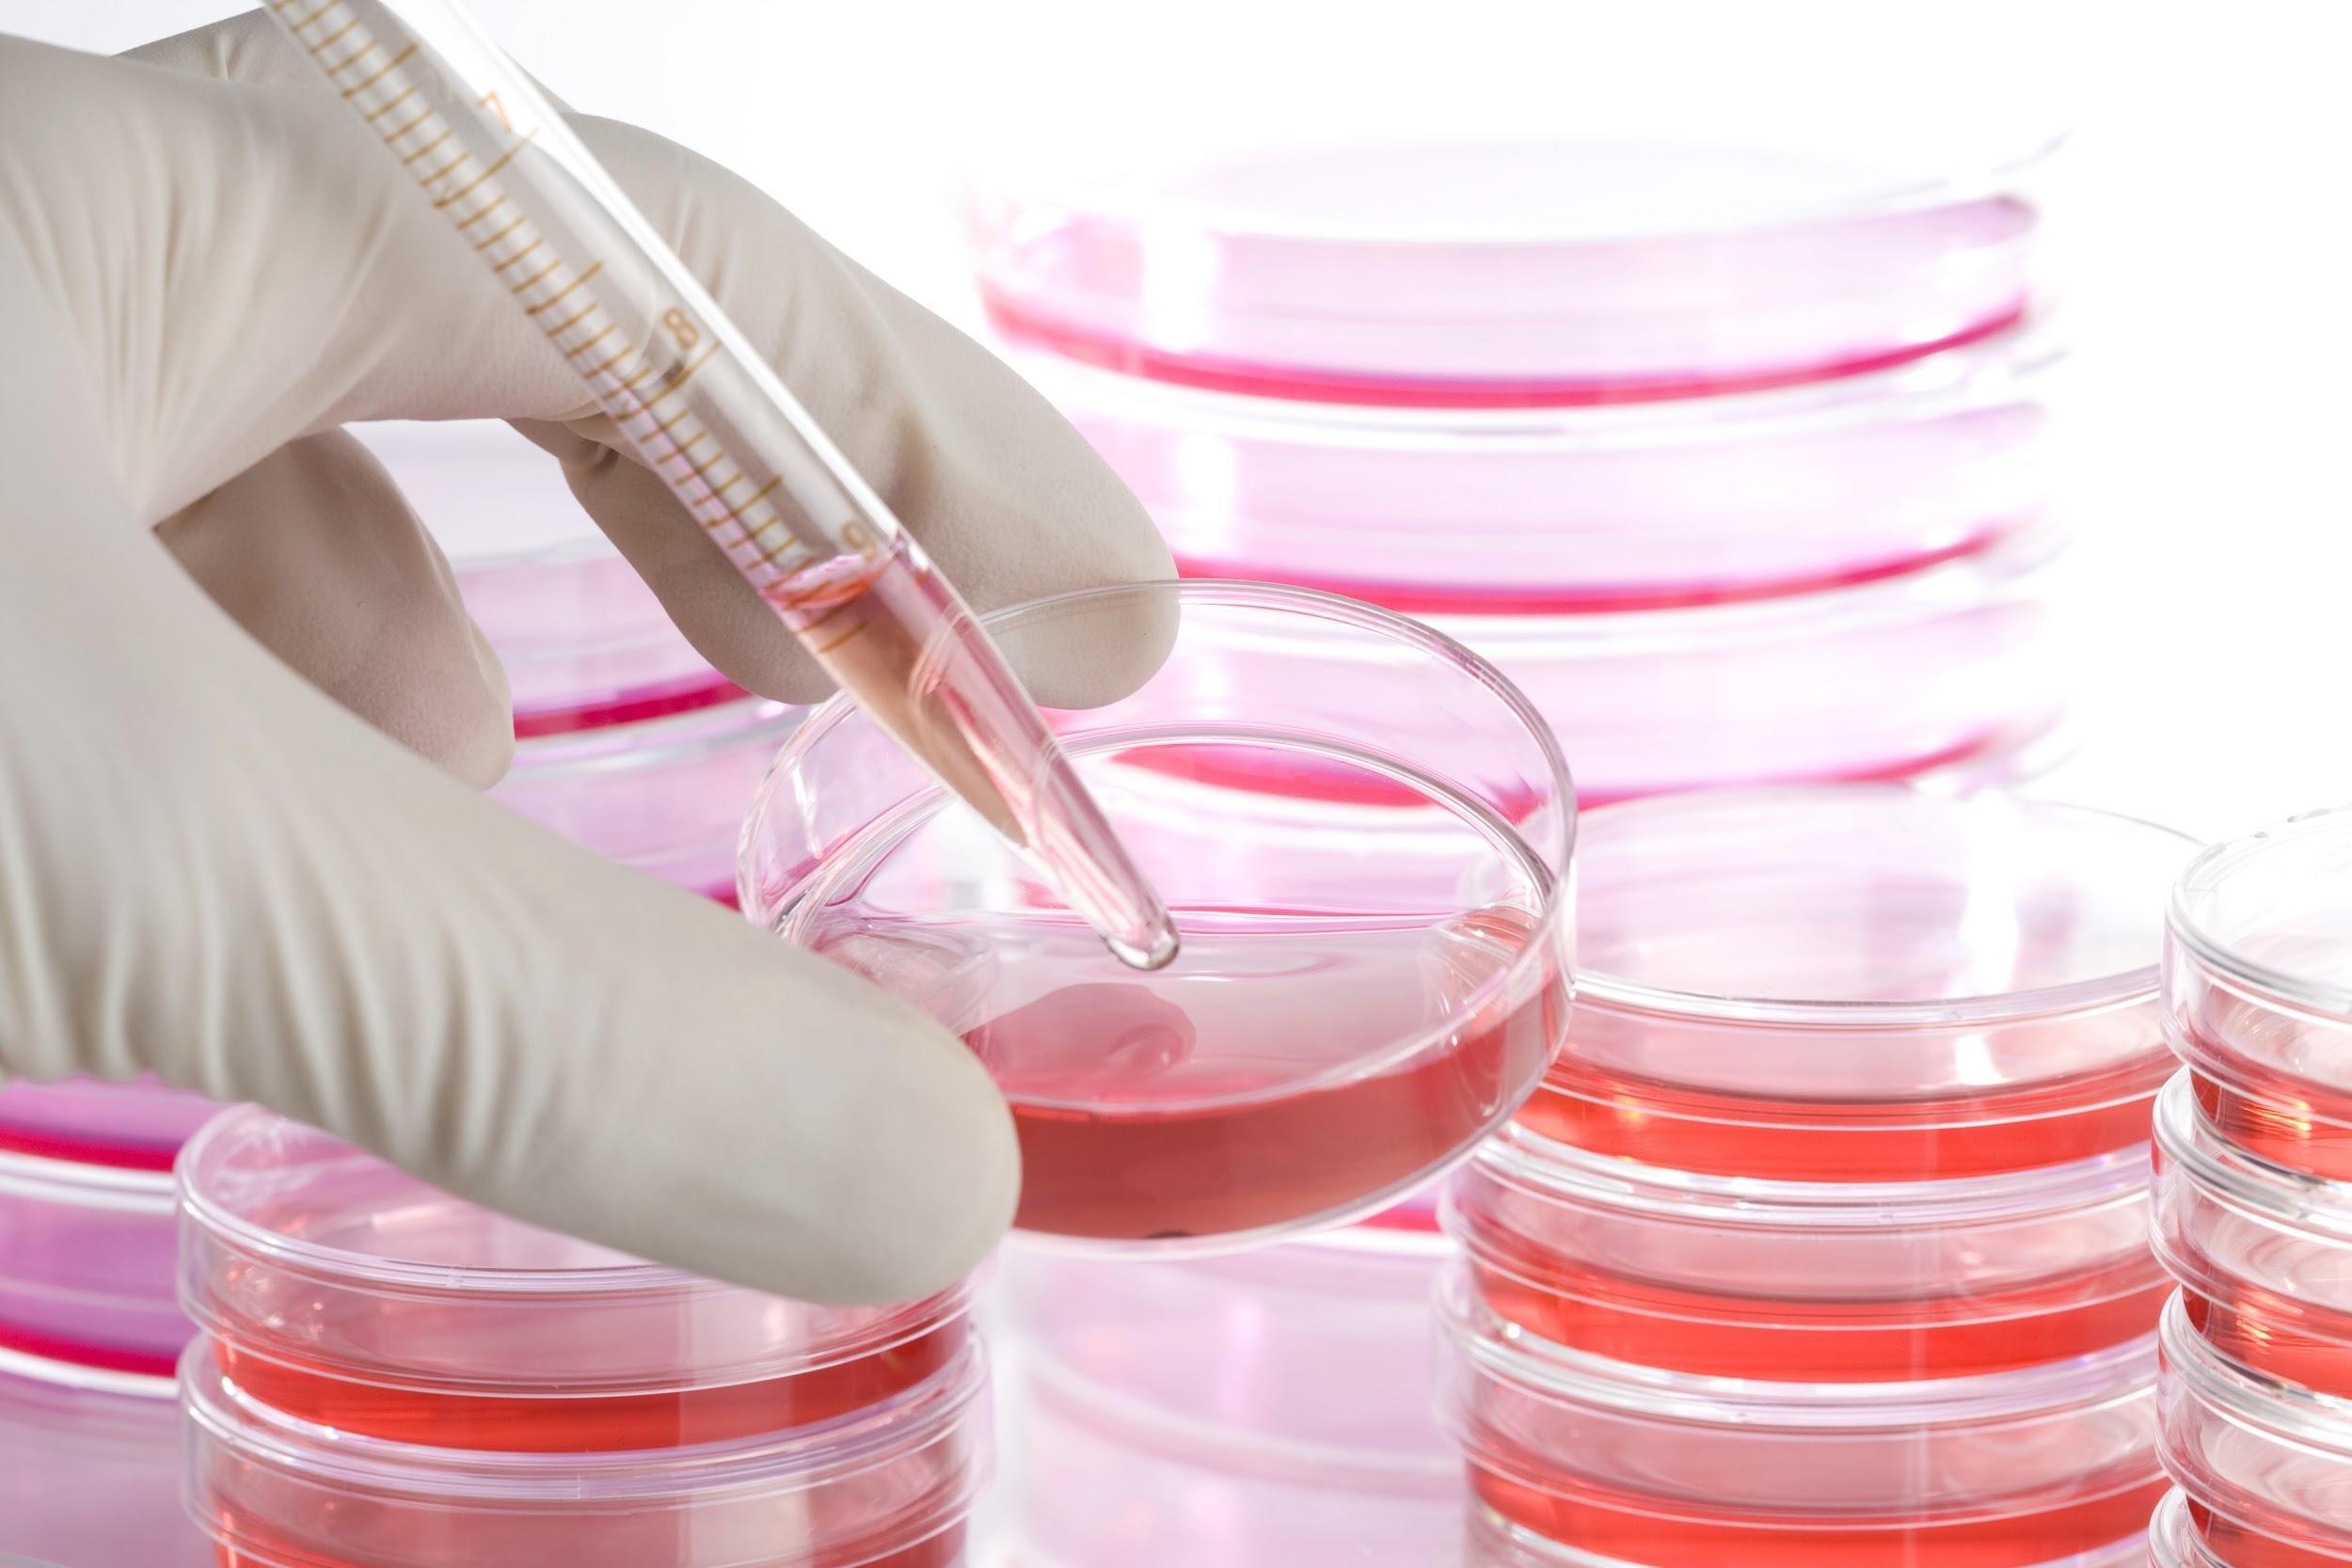 Biologie cellulaire et développement